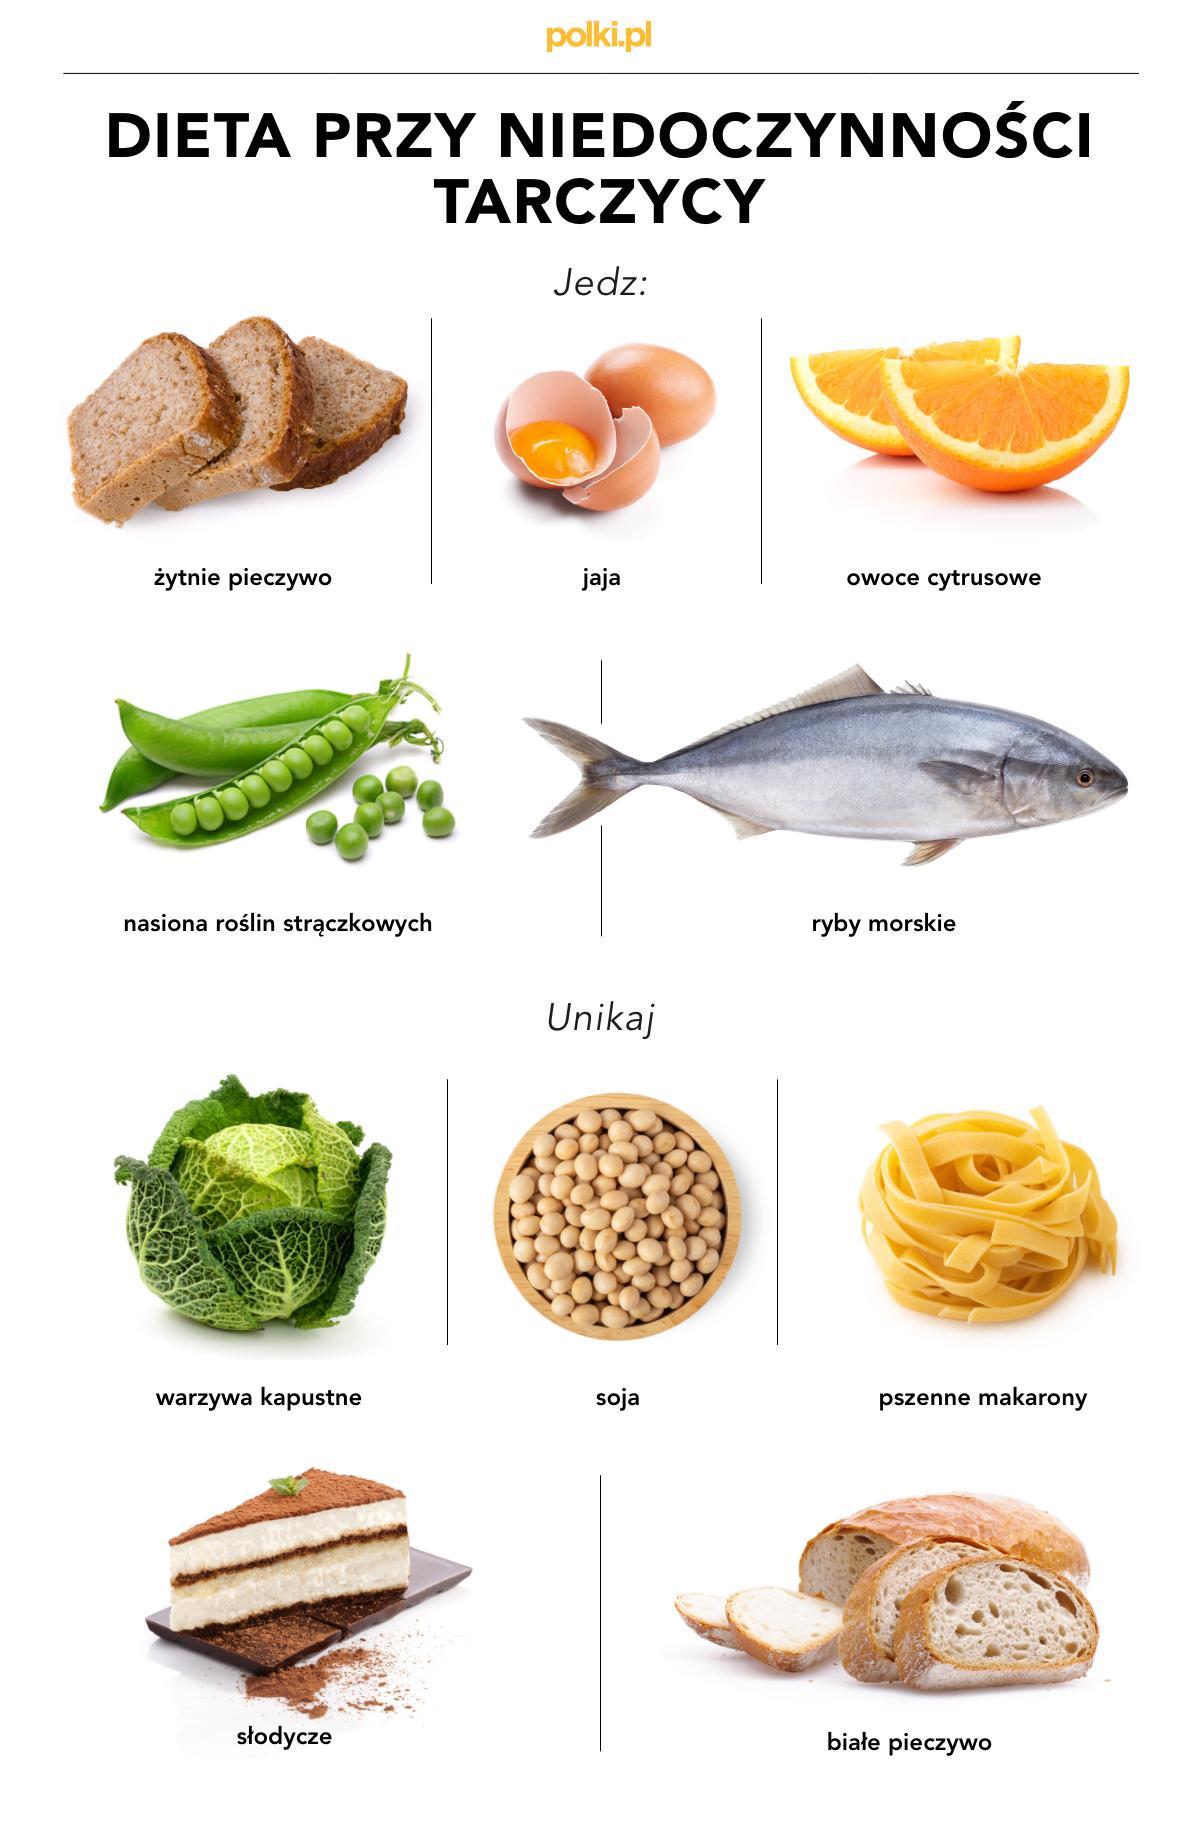 niedoczynność tarczycy dieta